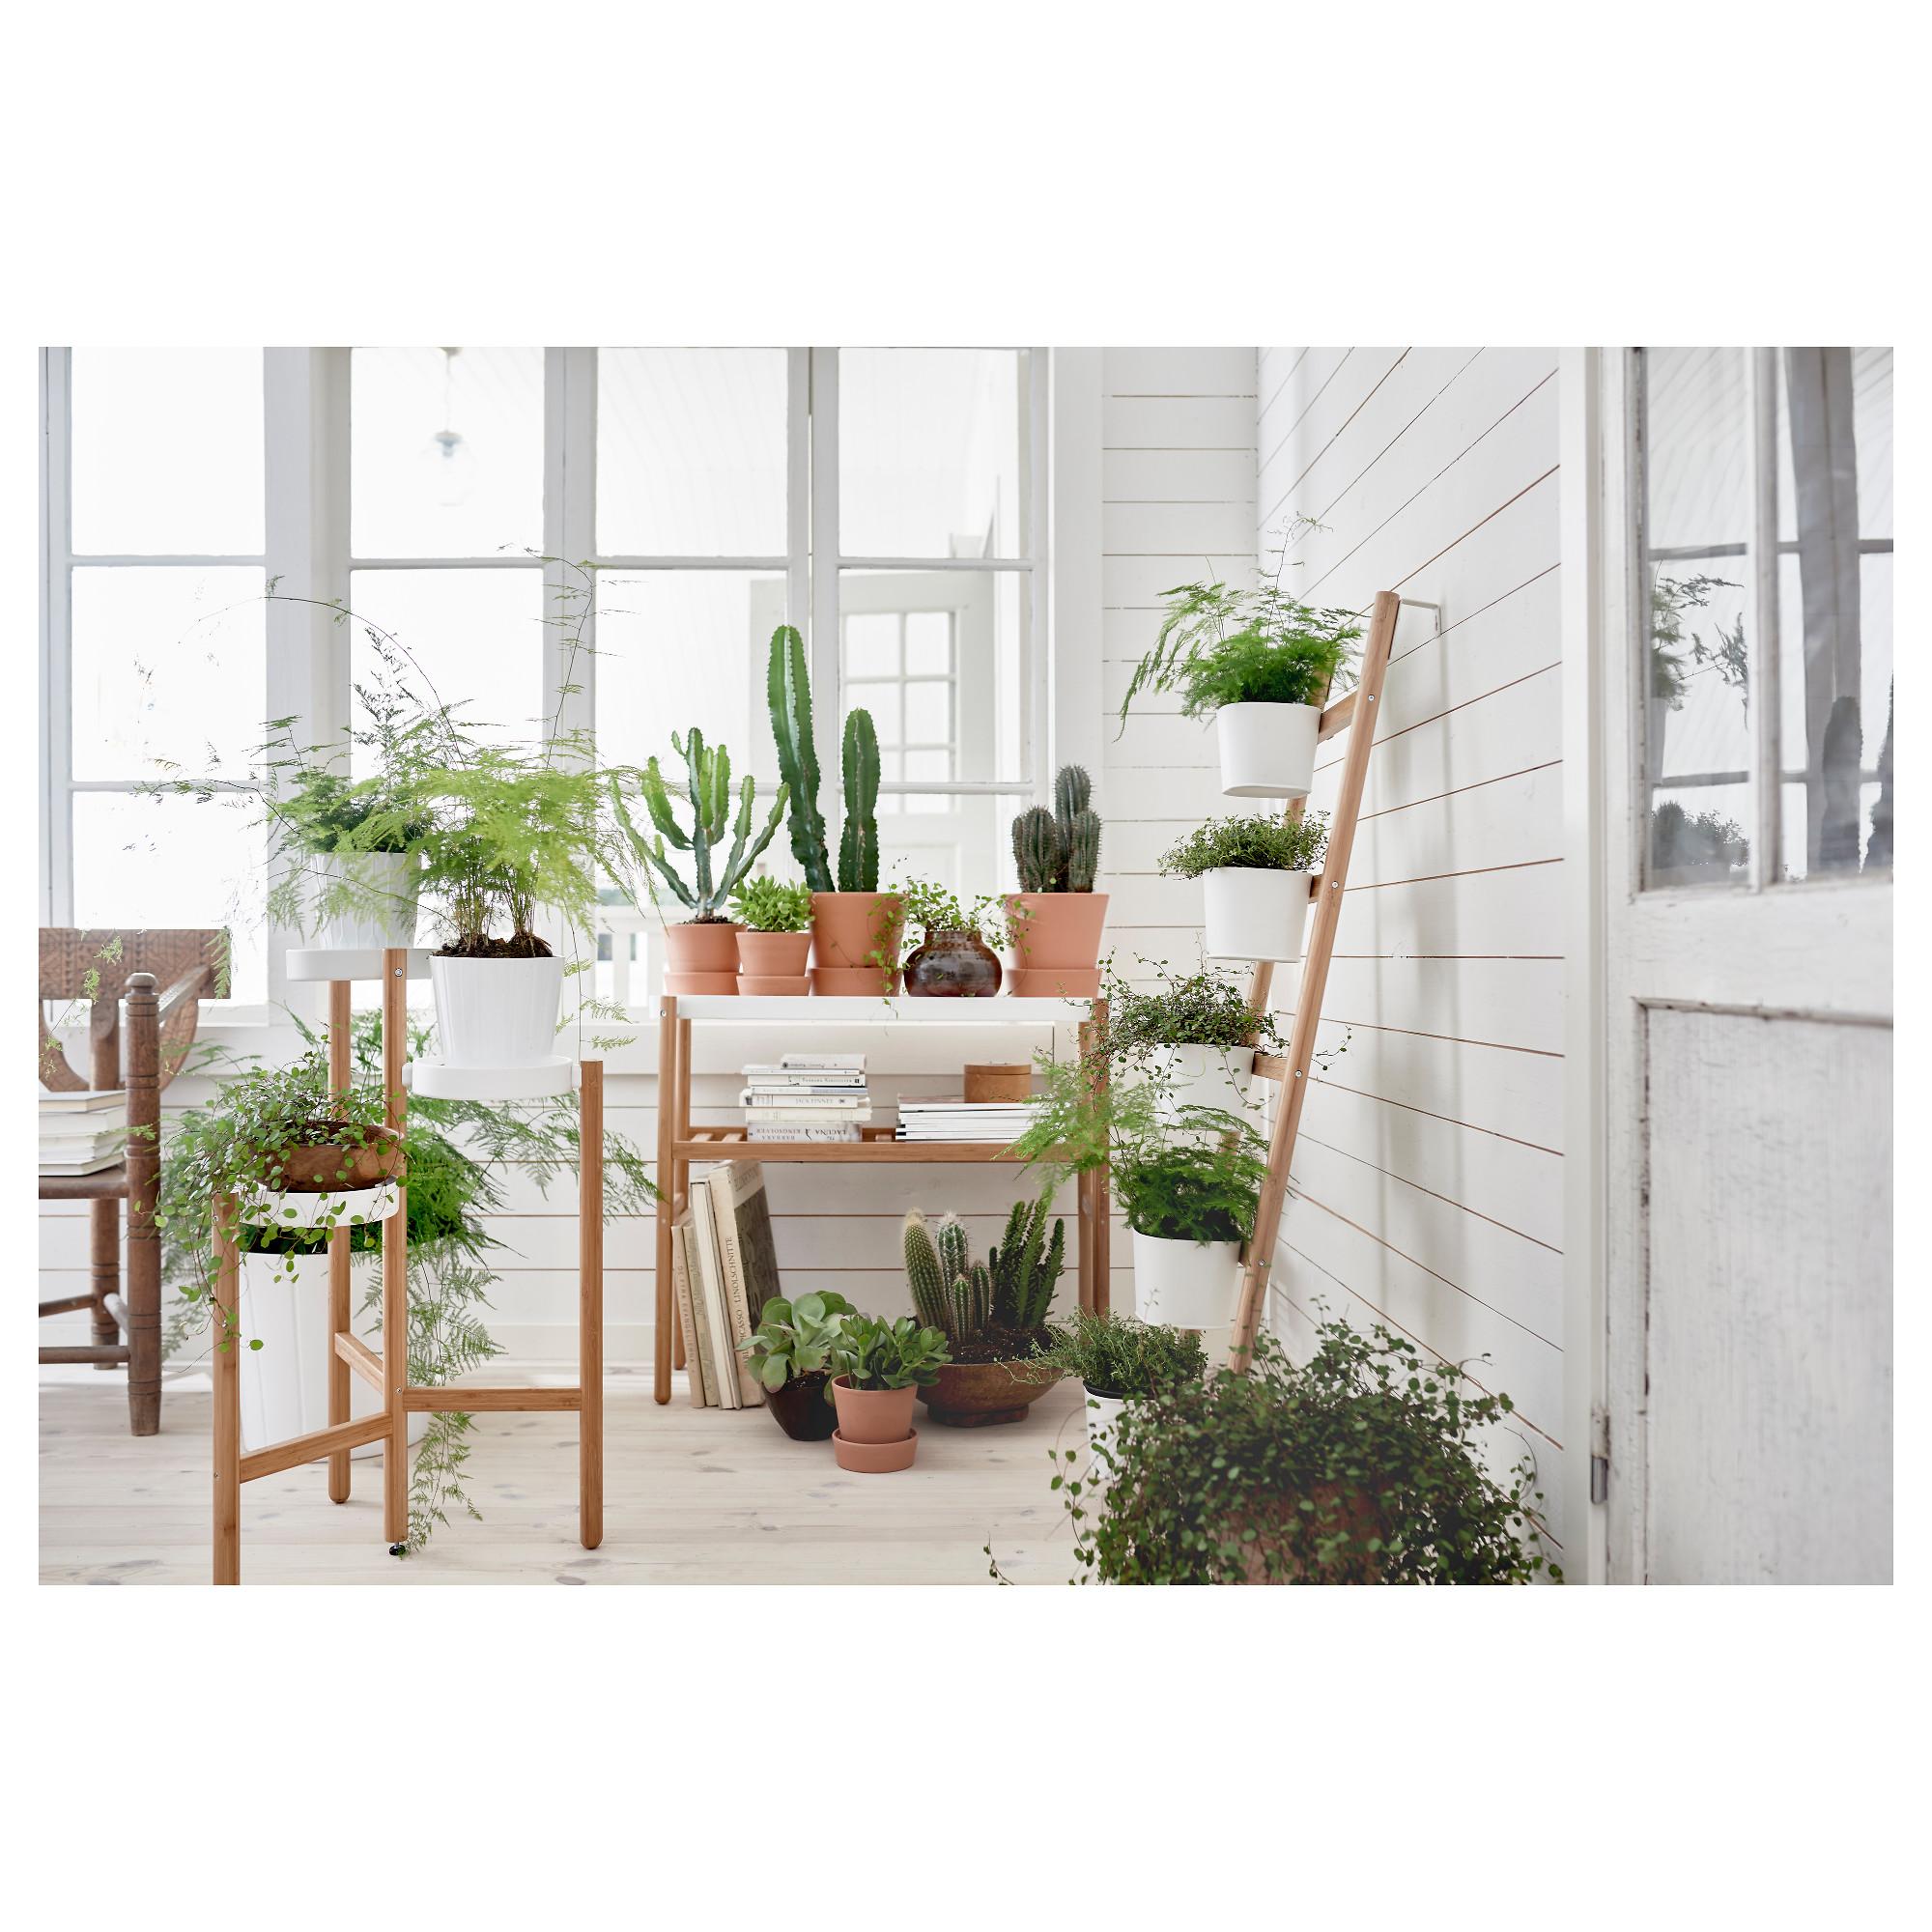 IKEA   SATSUMAS, Blumenständer, Mit Einem Blumenständer Wird Dekorieren Mit  Pflanzen überall Im Haus Ganz Leicht.Die Untere Ablage Ist Praktisch Für ...